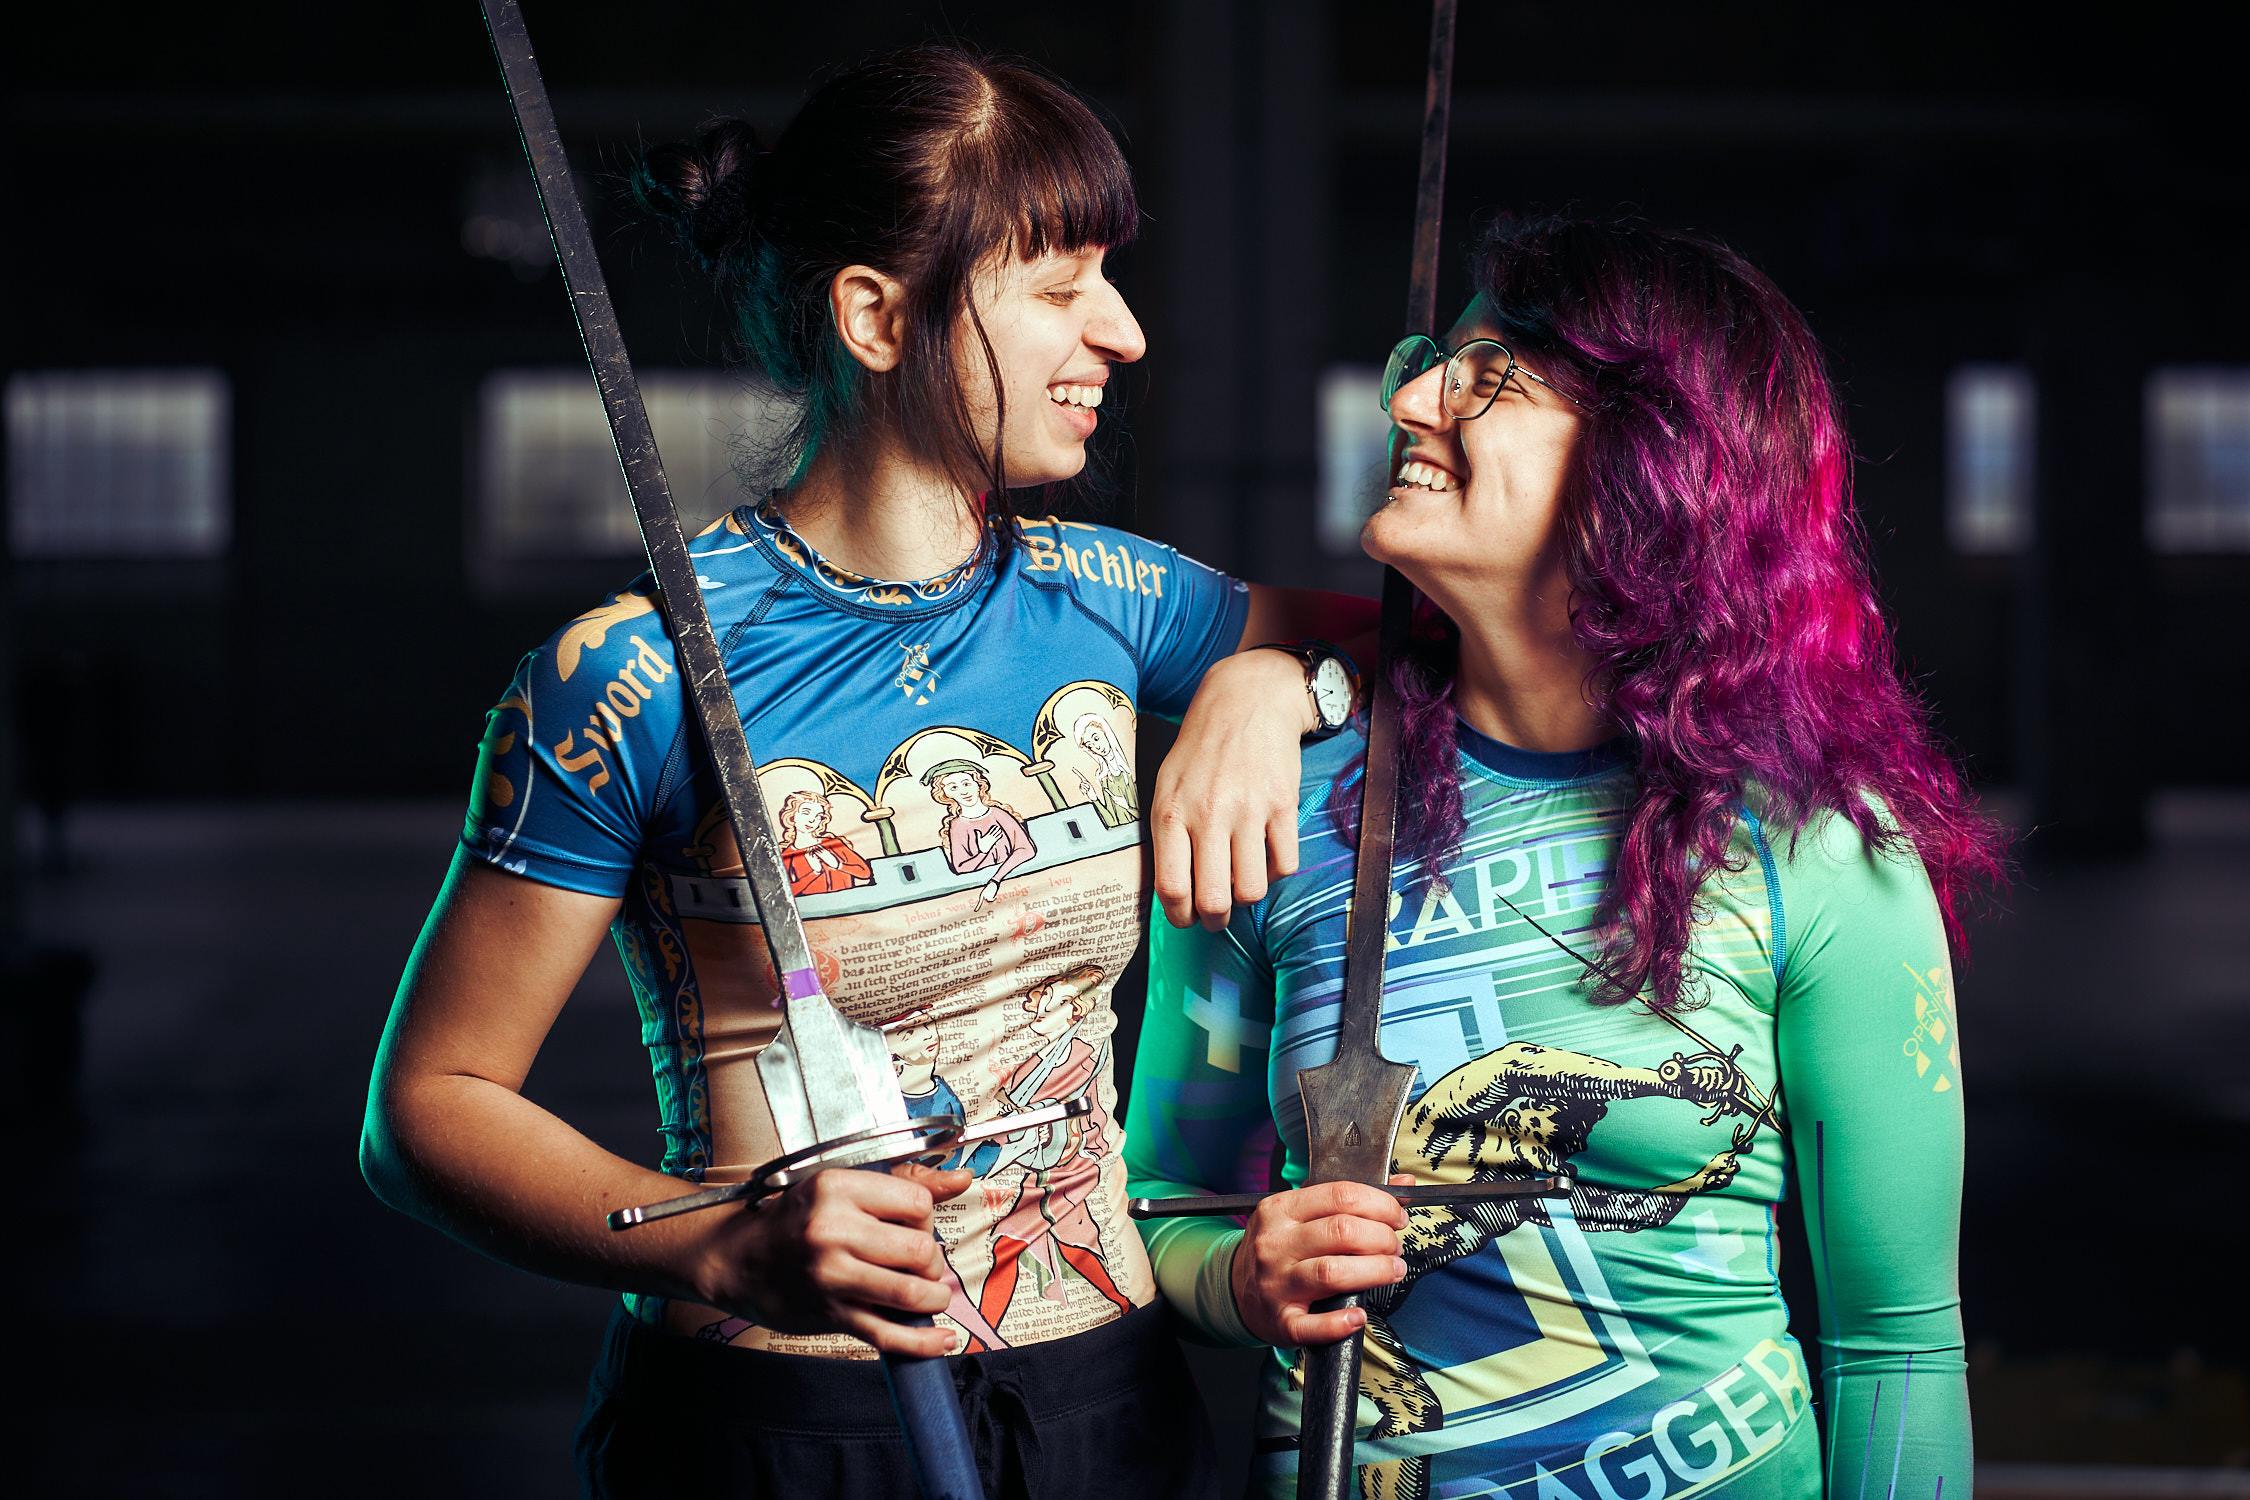 Zwei Frauen mit Langschwertern und Rashguards von 8Openings